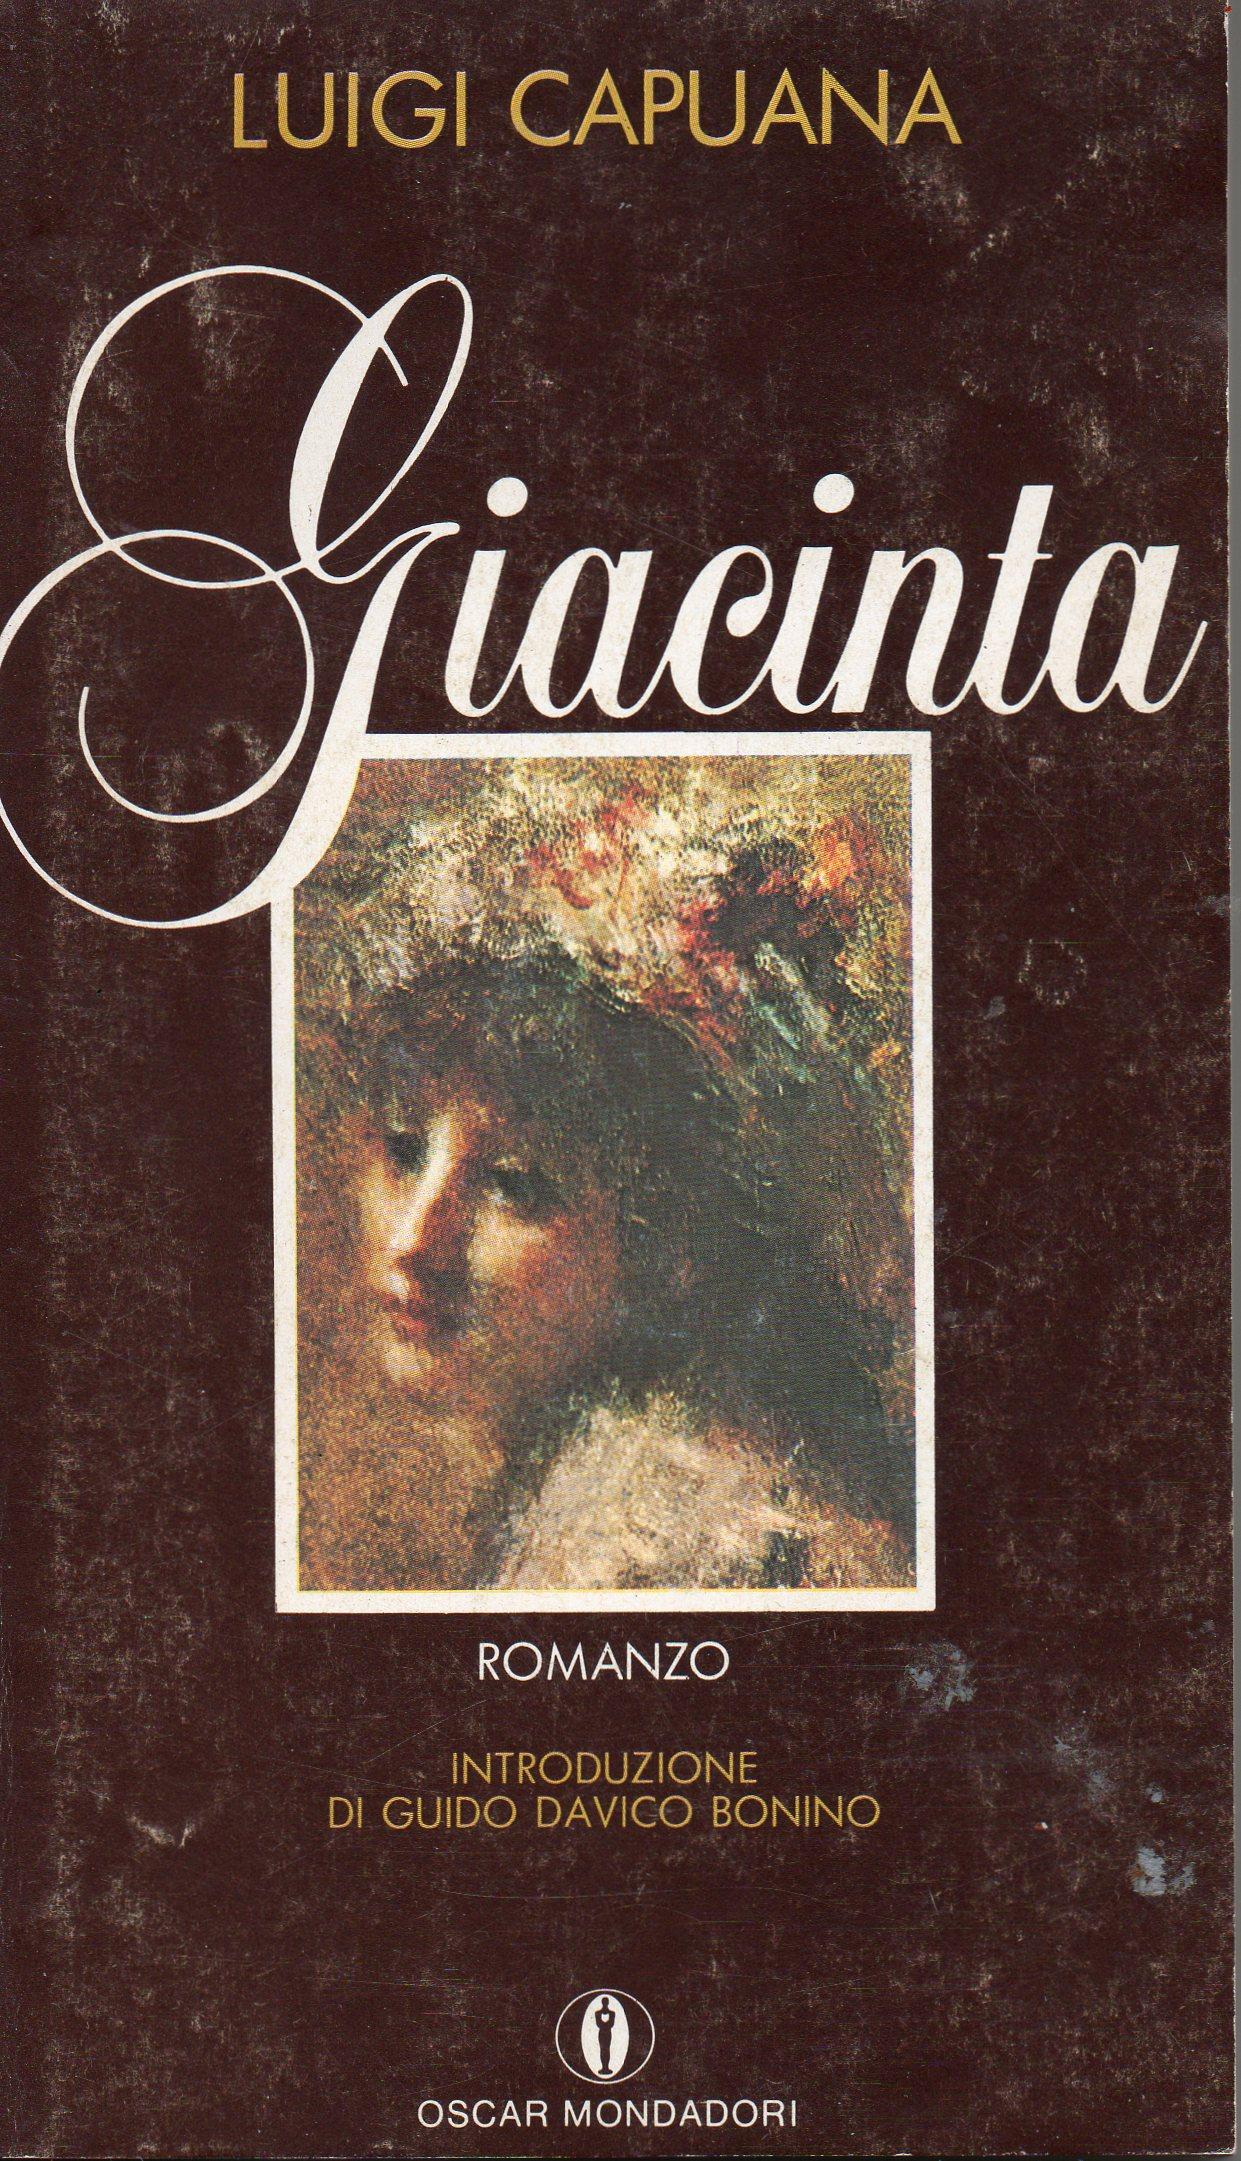 Giacinta